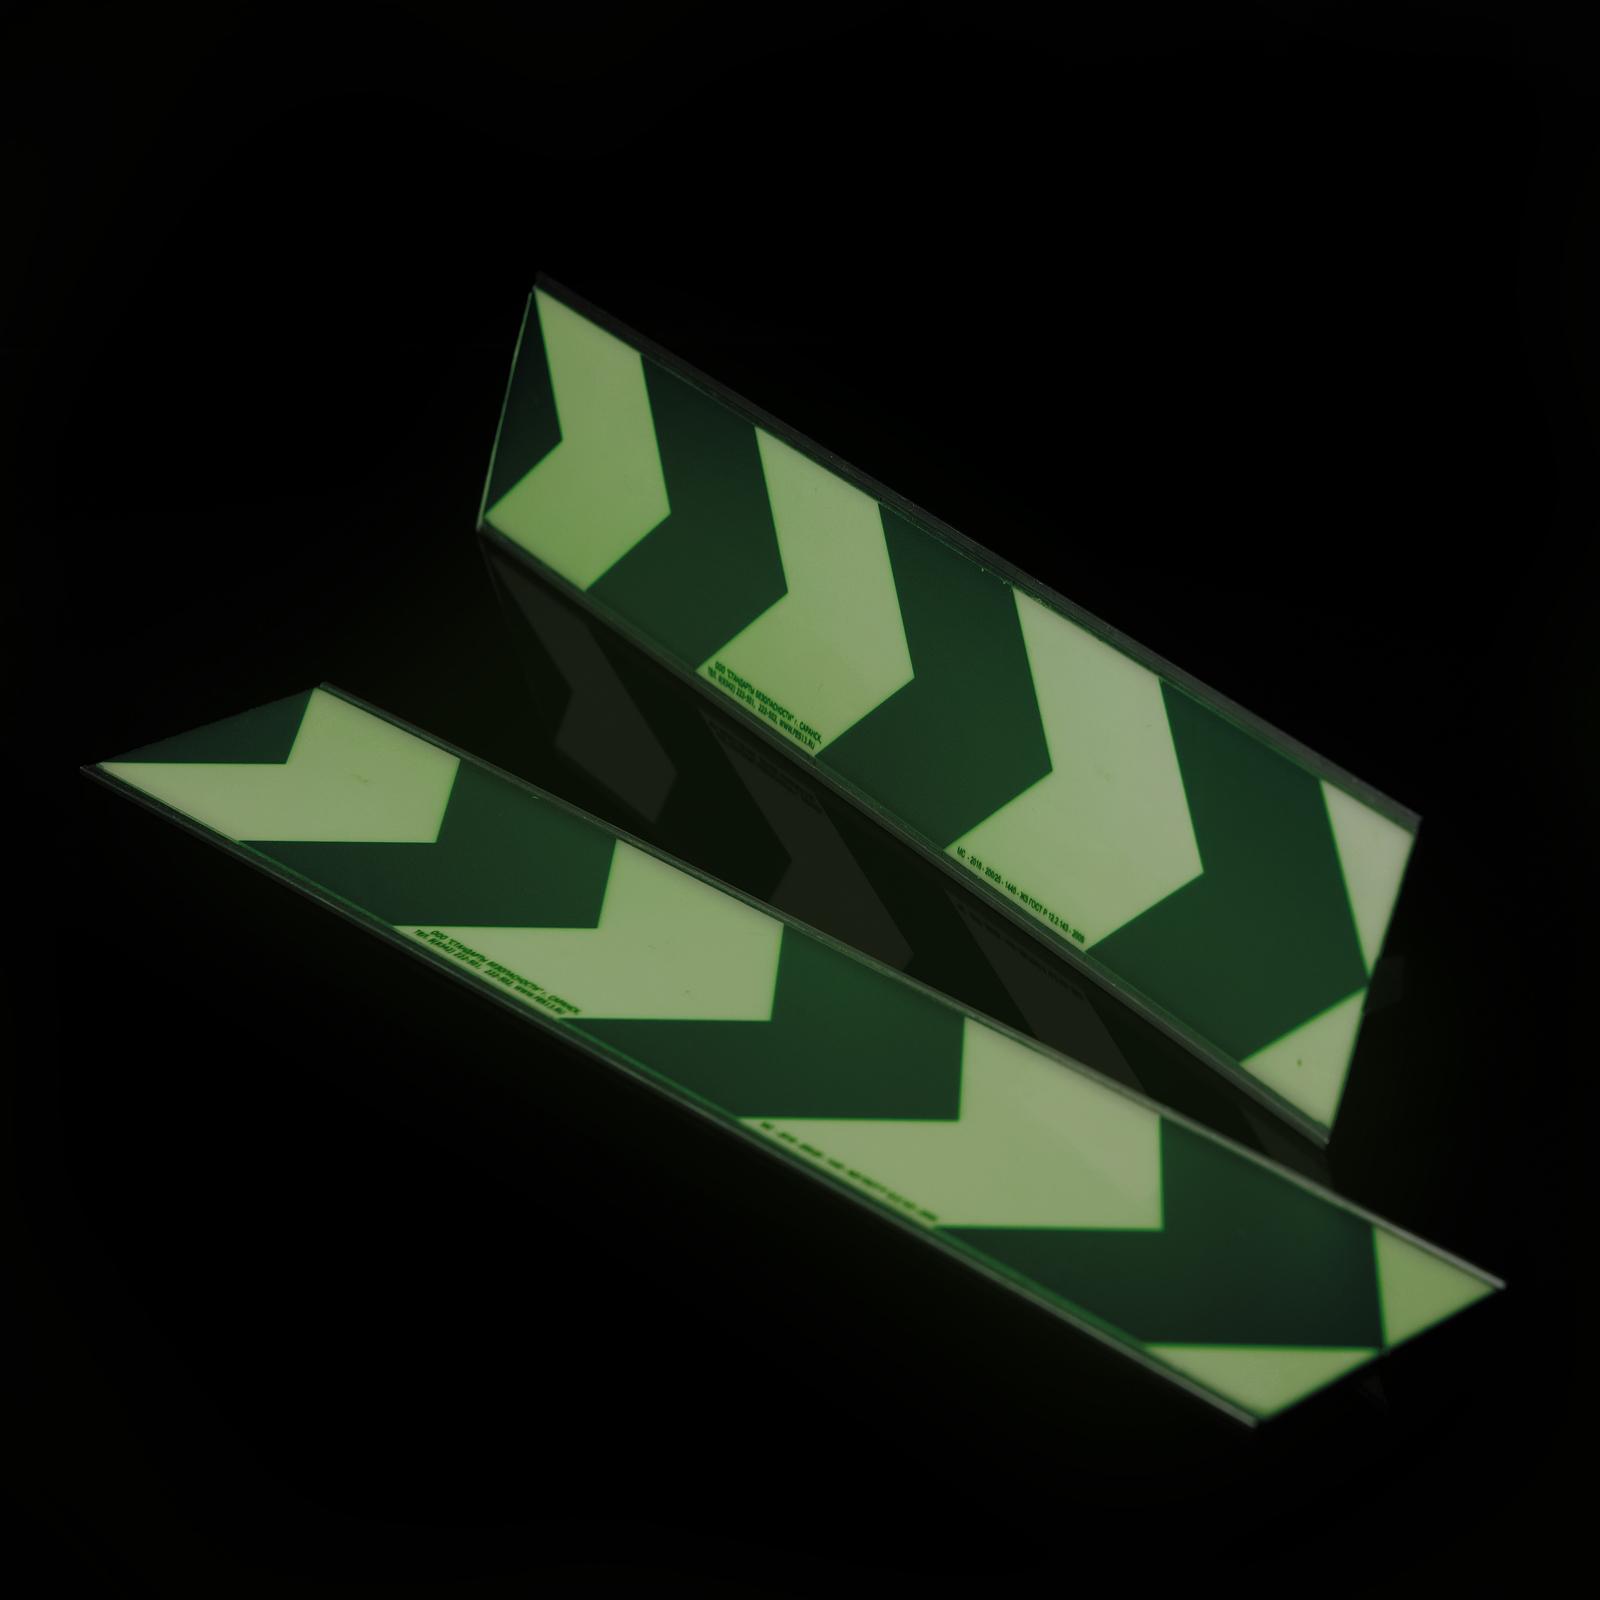 Фотолюминесцентная зелено-белая полоса С печатью стрелок в темноте